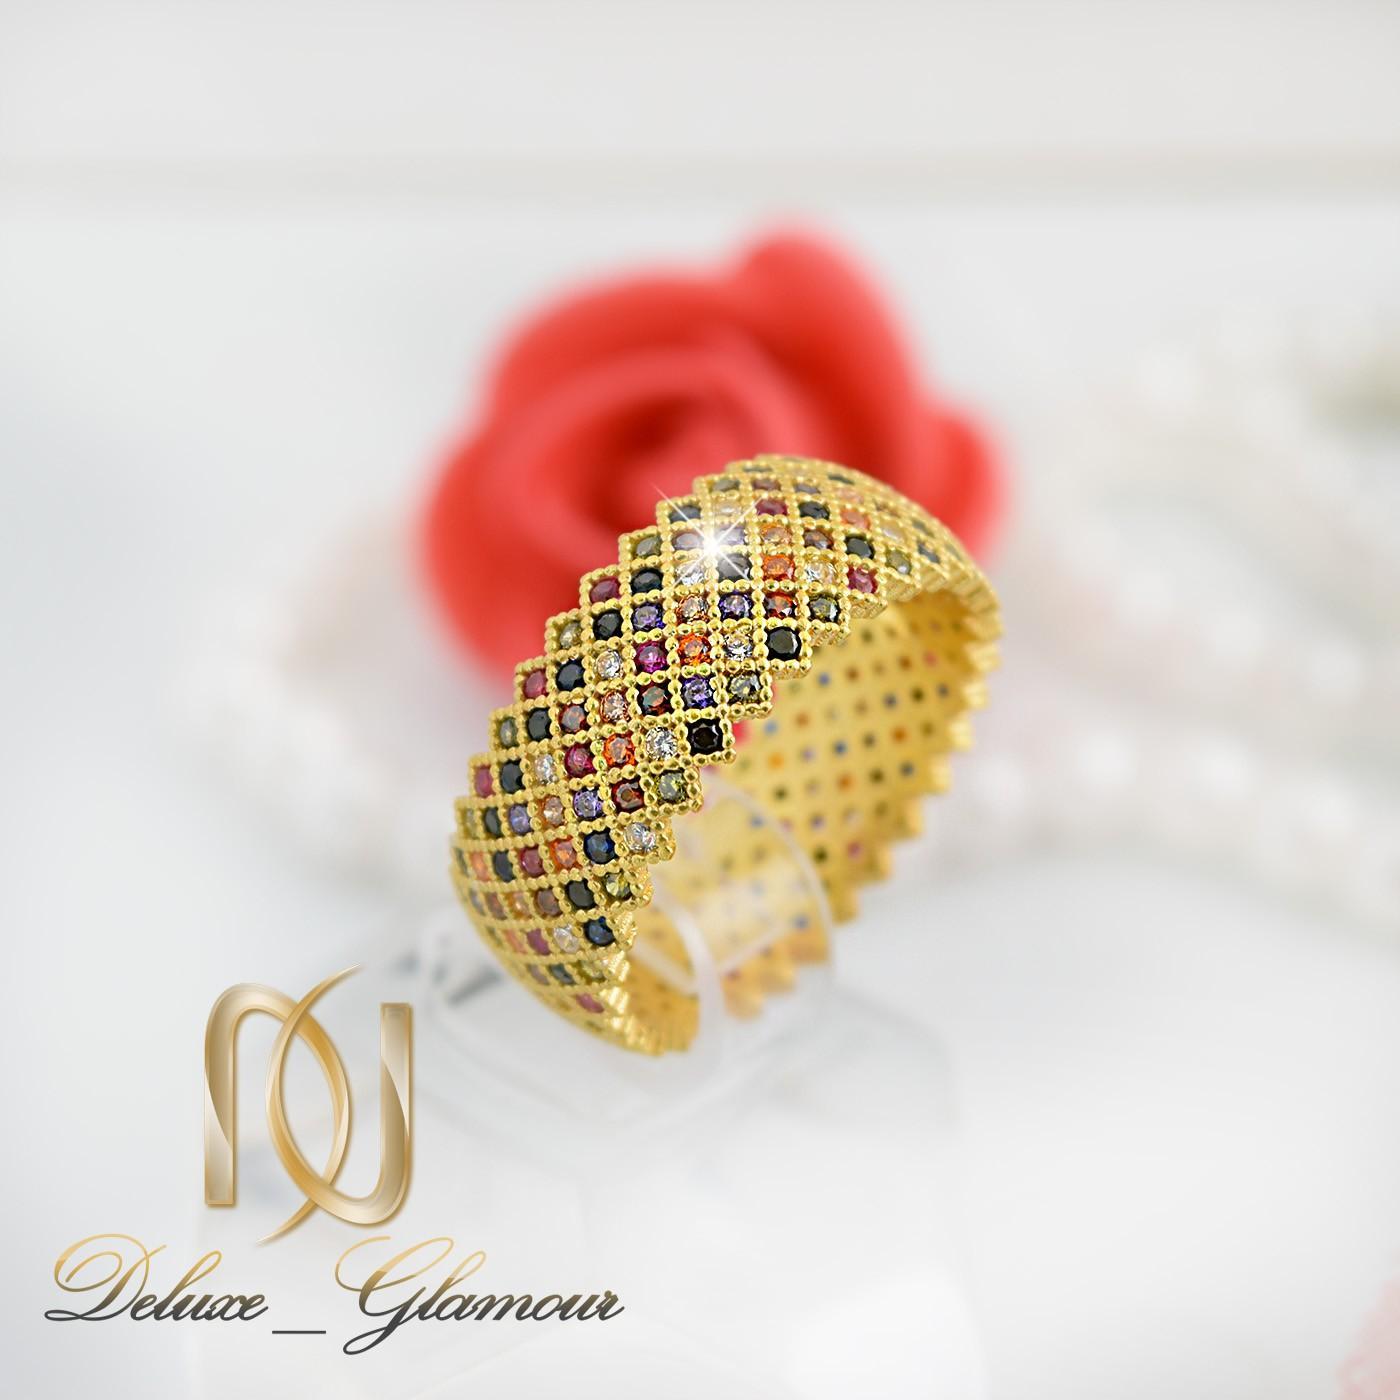 انگشتر زنانه نقره طلایی با نگین های مارکازیت رنگی rg-n278 از نمای کنار